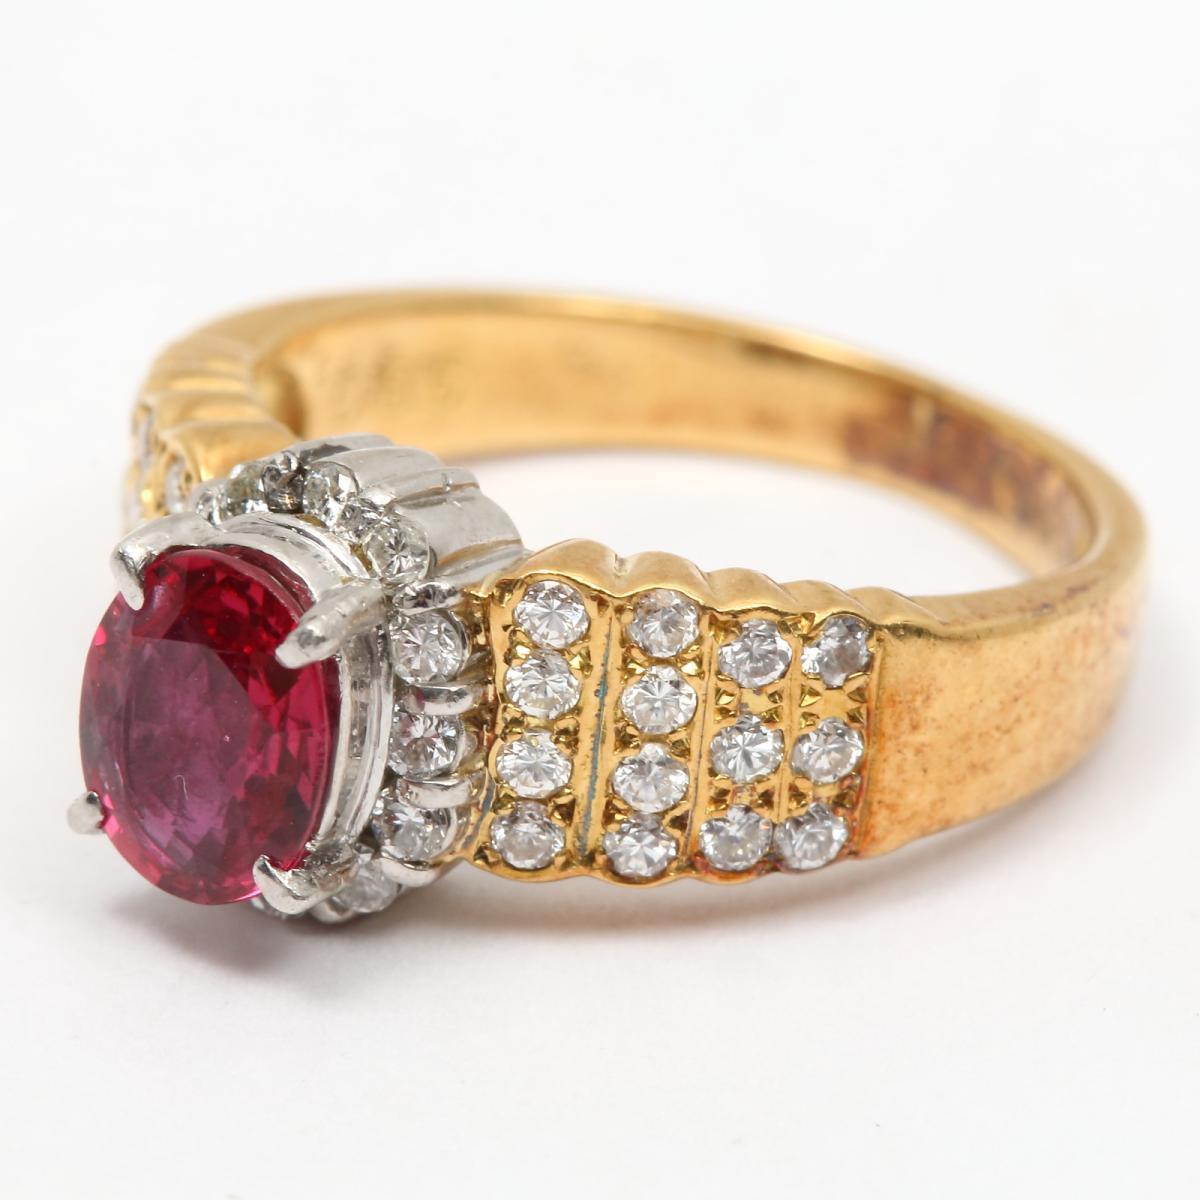 ジュエリー ルビー ダイヤモンド リング 指輪 レディース PT900 プラチナ x K18YG イエローゴールド0 50ct0 85ctJEWELRY BRANDOFF ブランドオフ ブランド アクセサリーkwOP80n